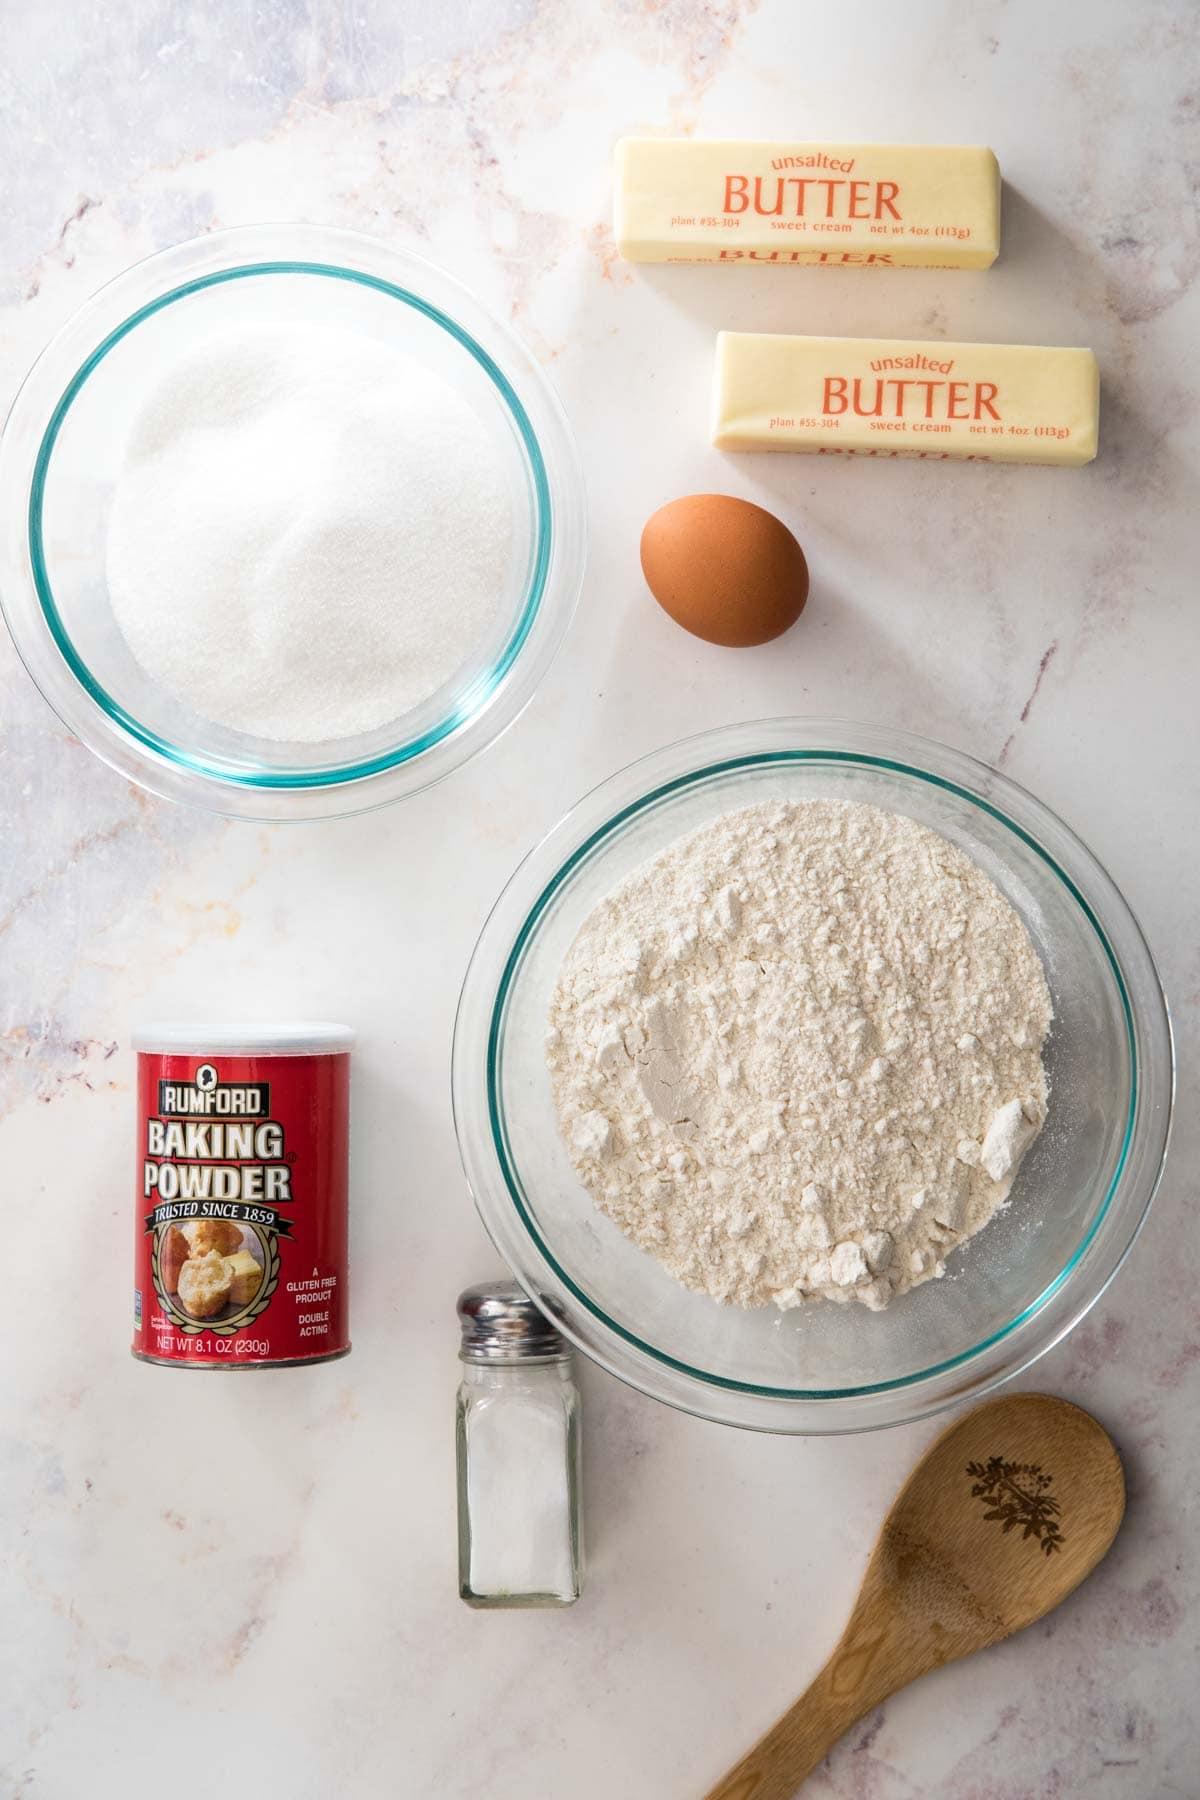 Ingredients for icebox cookies